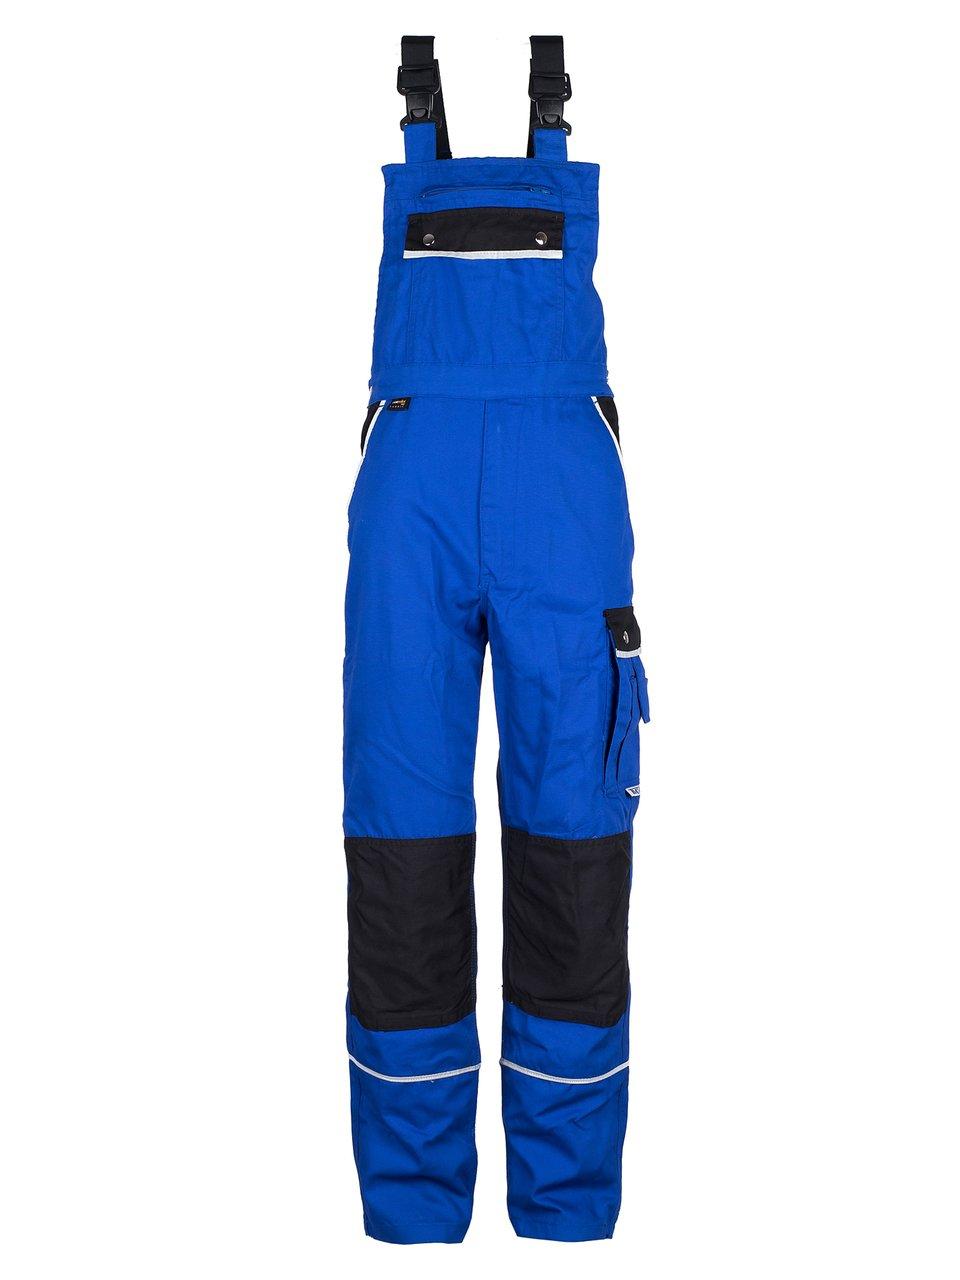 TMG PANTS メンズ B00W0DOC9K 38W x 29L|ブルー ブルー 38W x 29L